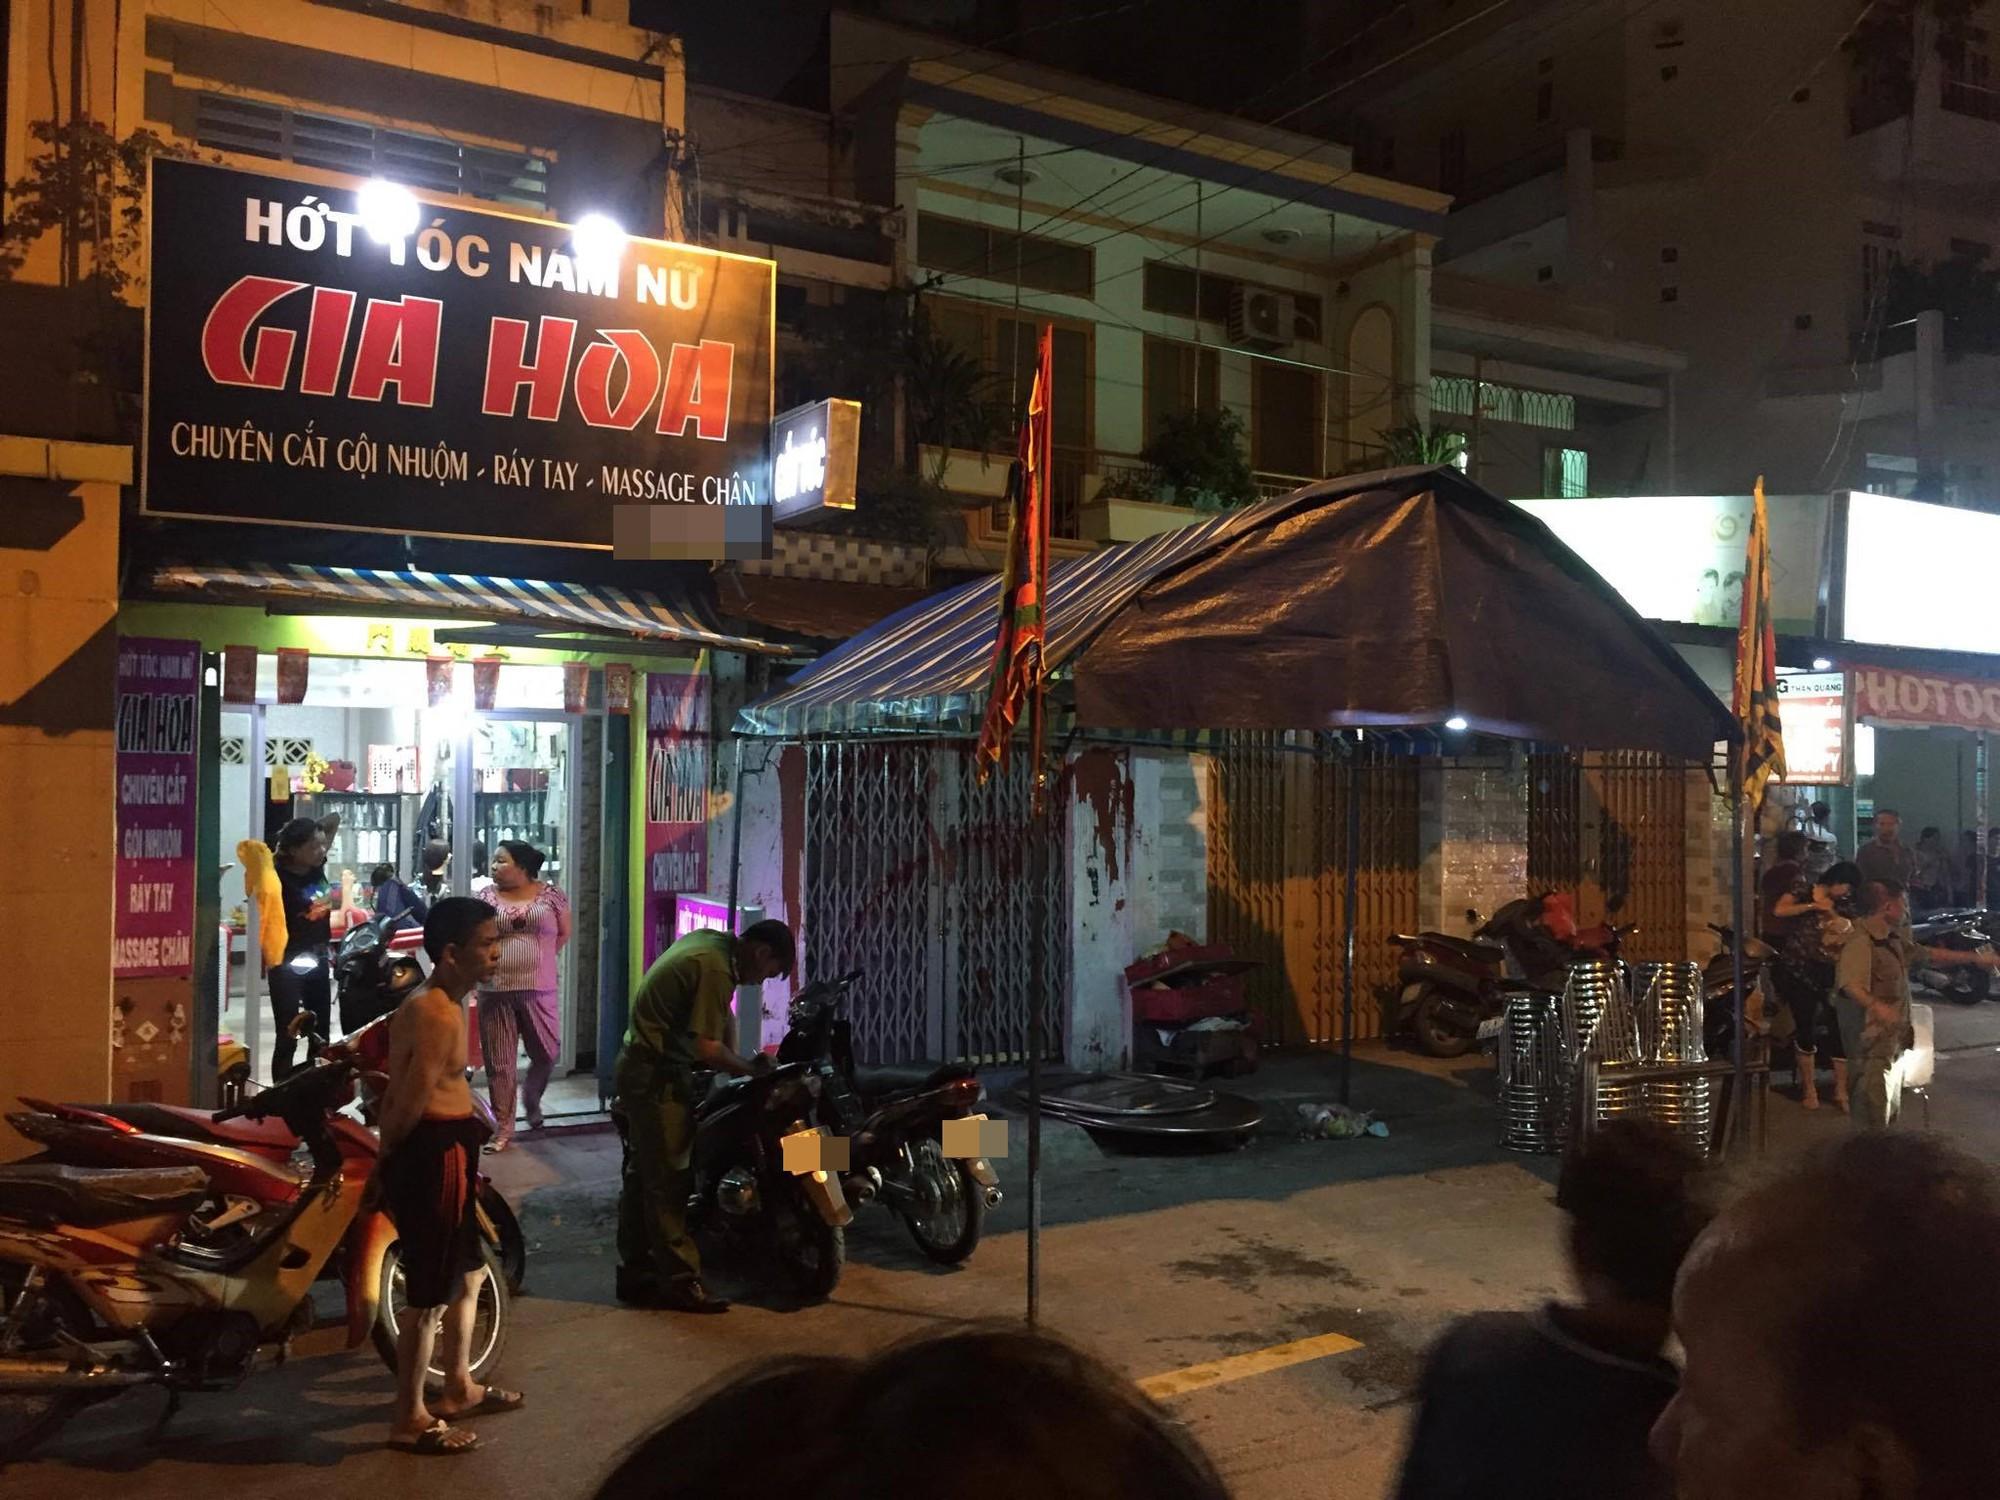 Đang đi mua bánh, bé trai 6 tuổi bị bảo vệ dân phố dùng dao sát hại giữa đường Sài Gòn - Ảnh 3.